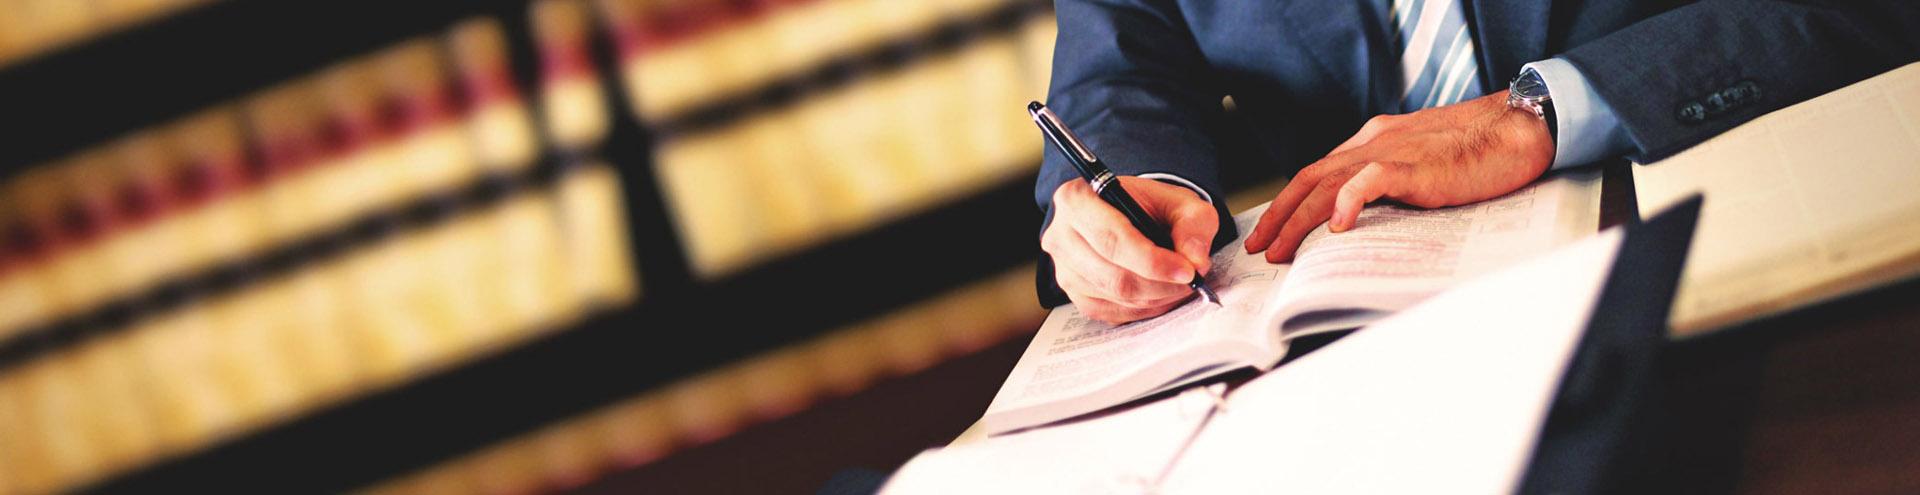 Адвокат по административным делам в Уфе и Республике Башкорстан